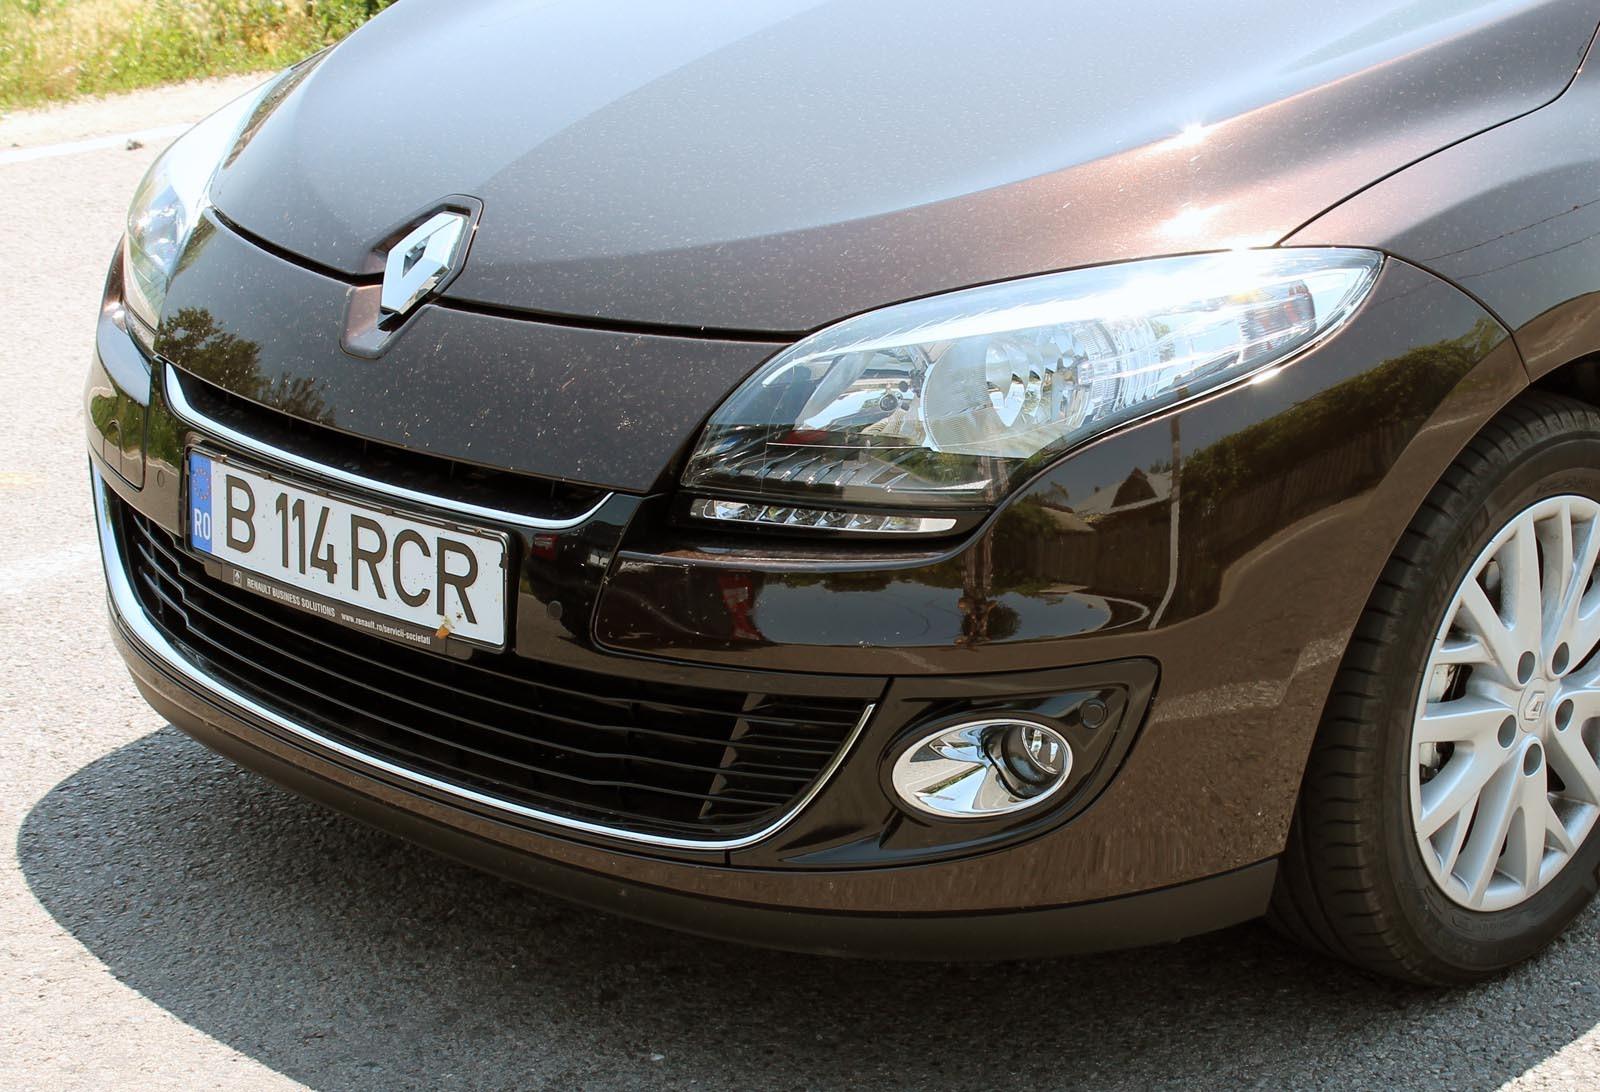 Principalele modificari pentru Renault Megane Collection 2012 - farurile cu lumini de pozitie LED si spoilerul redesenat